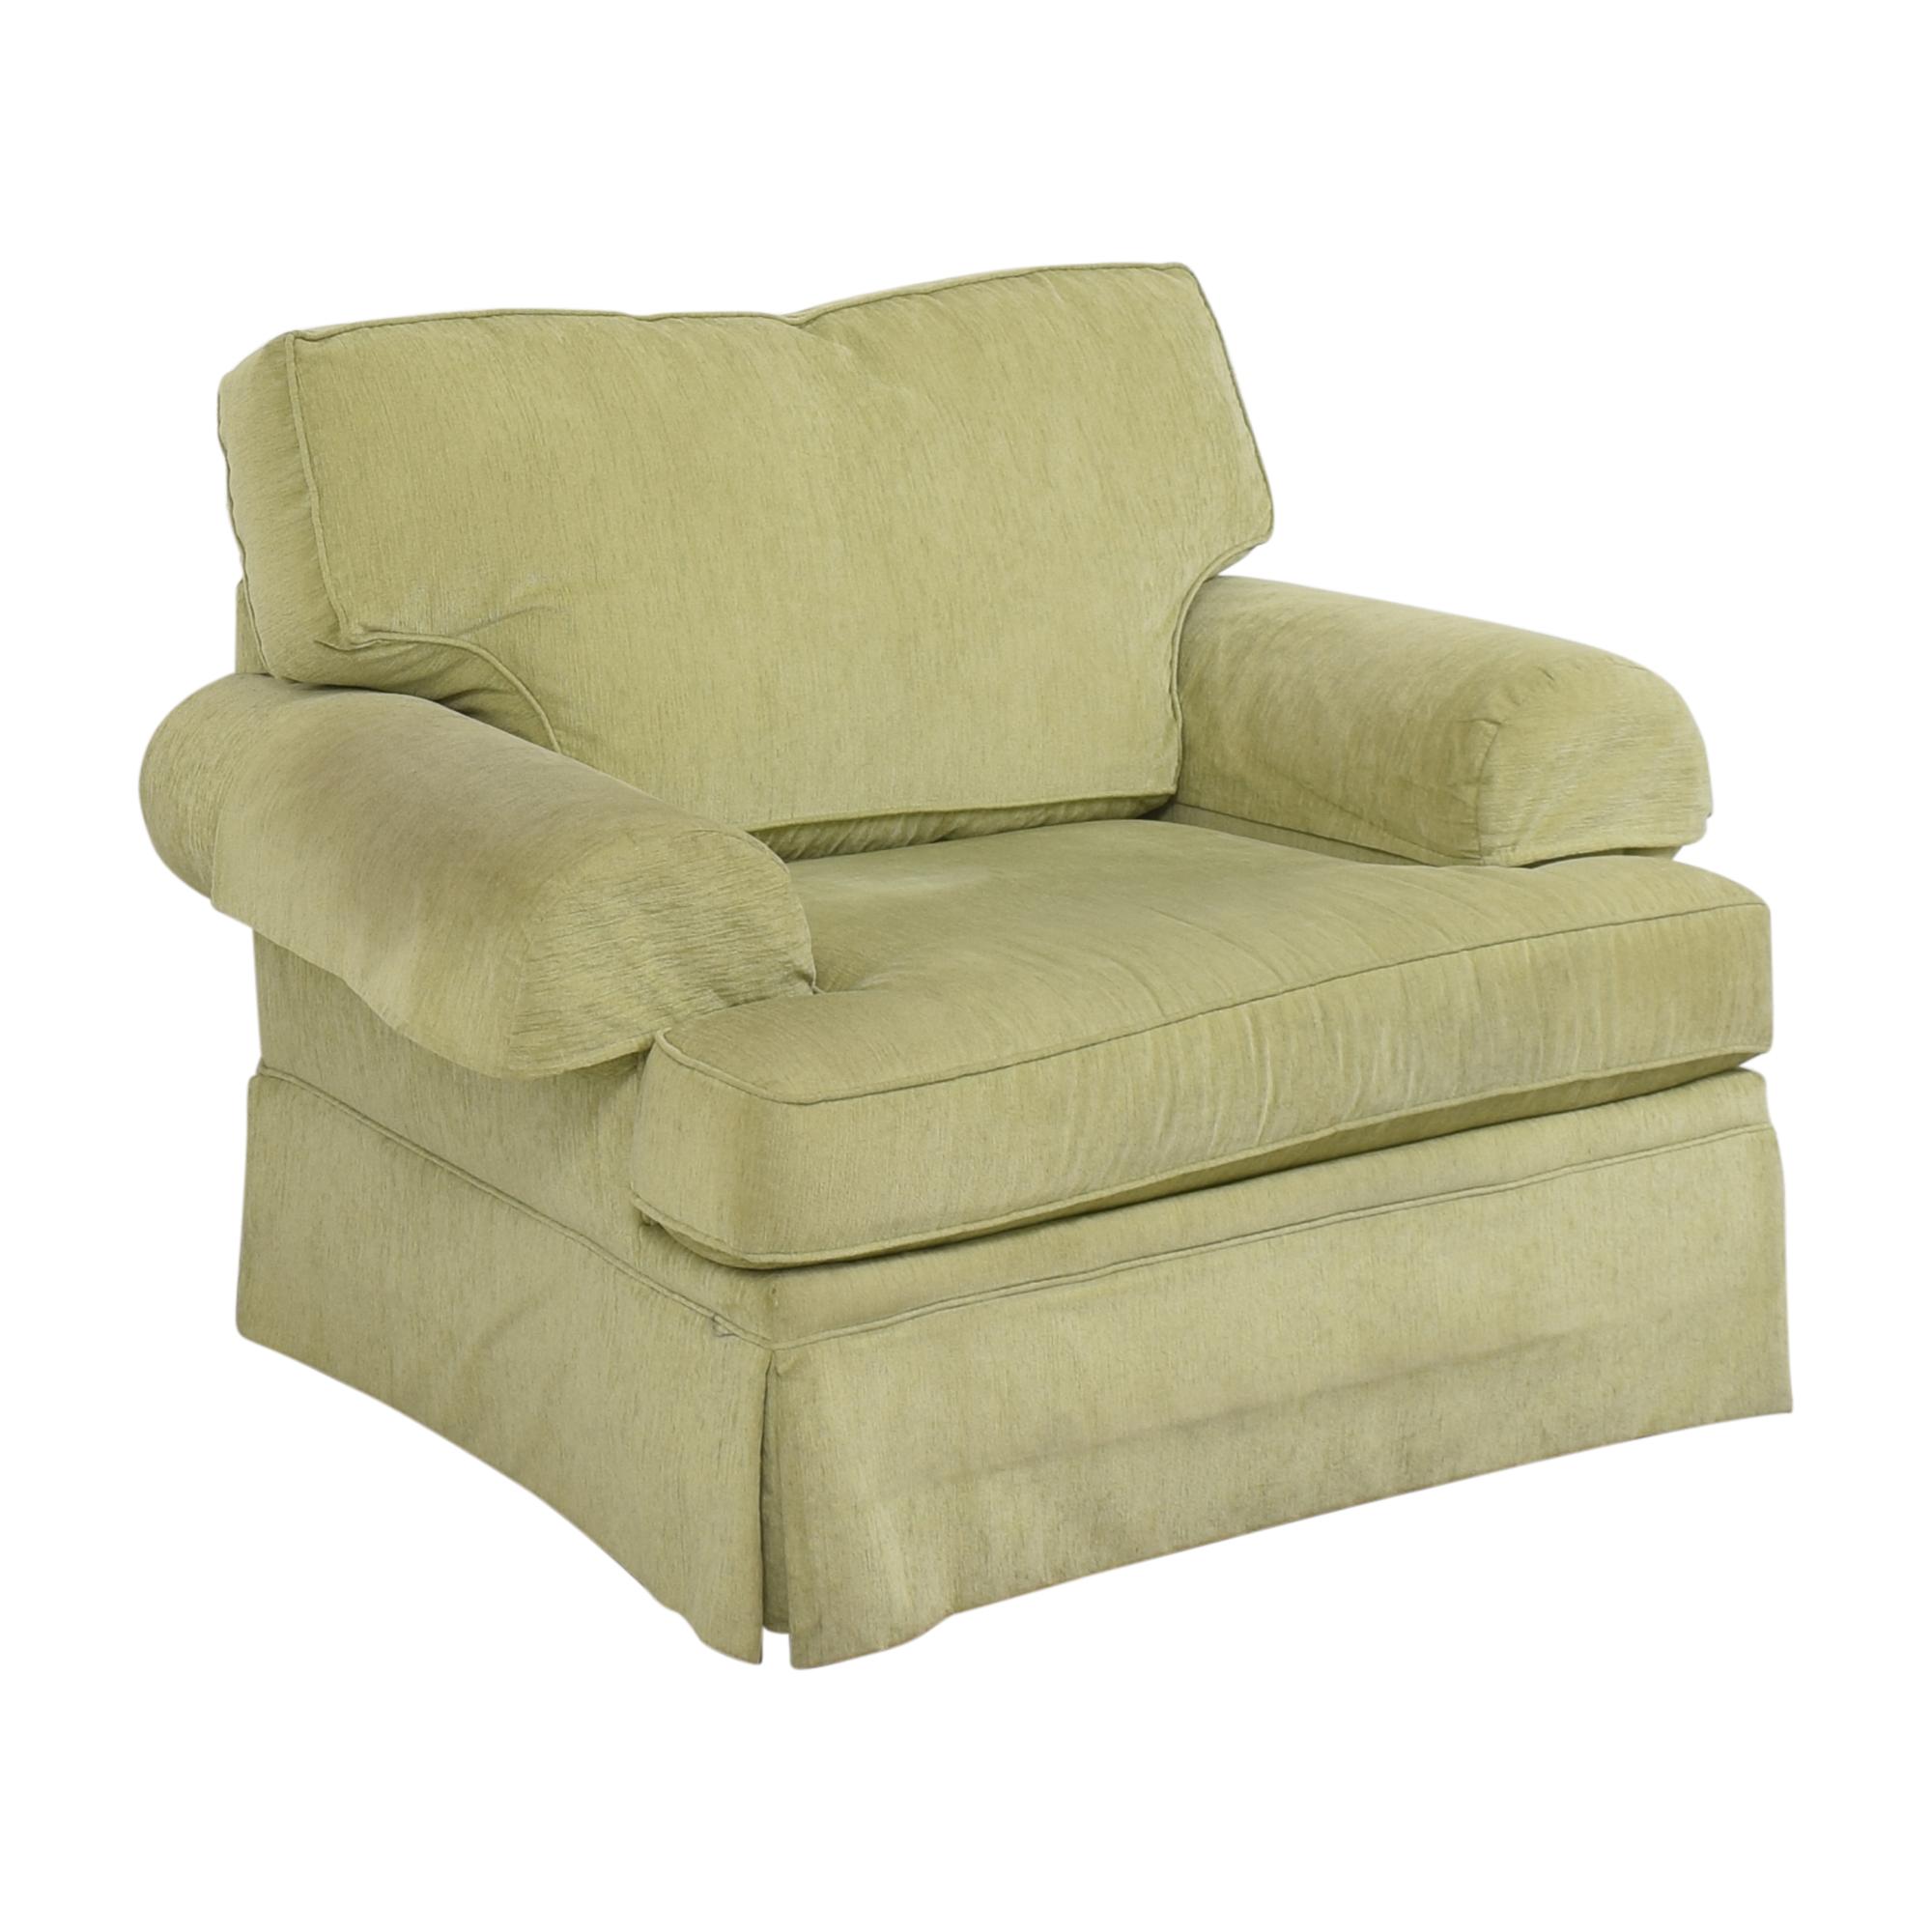 Flexsteel Flexsteel Skirted Chair and a Half